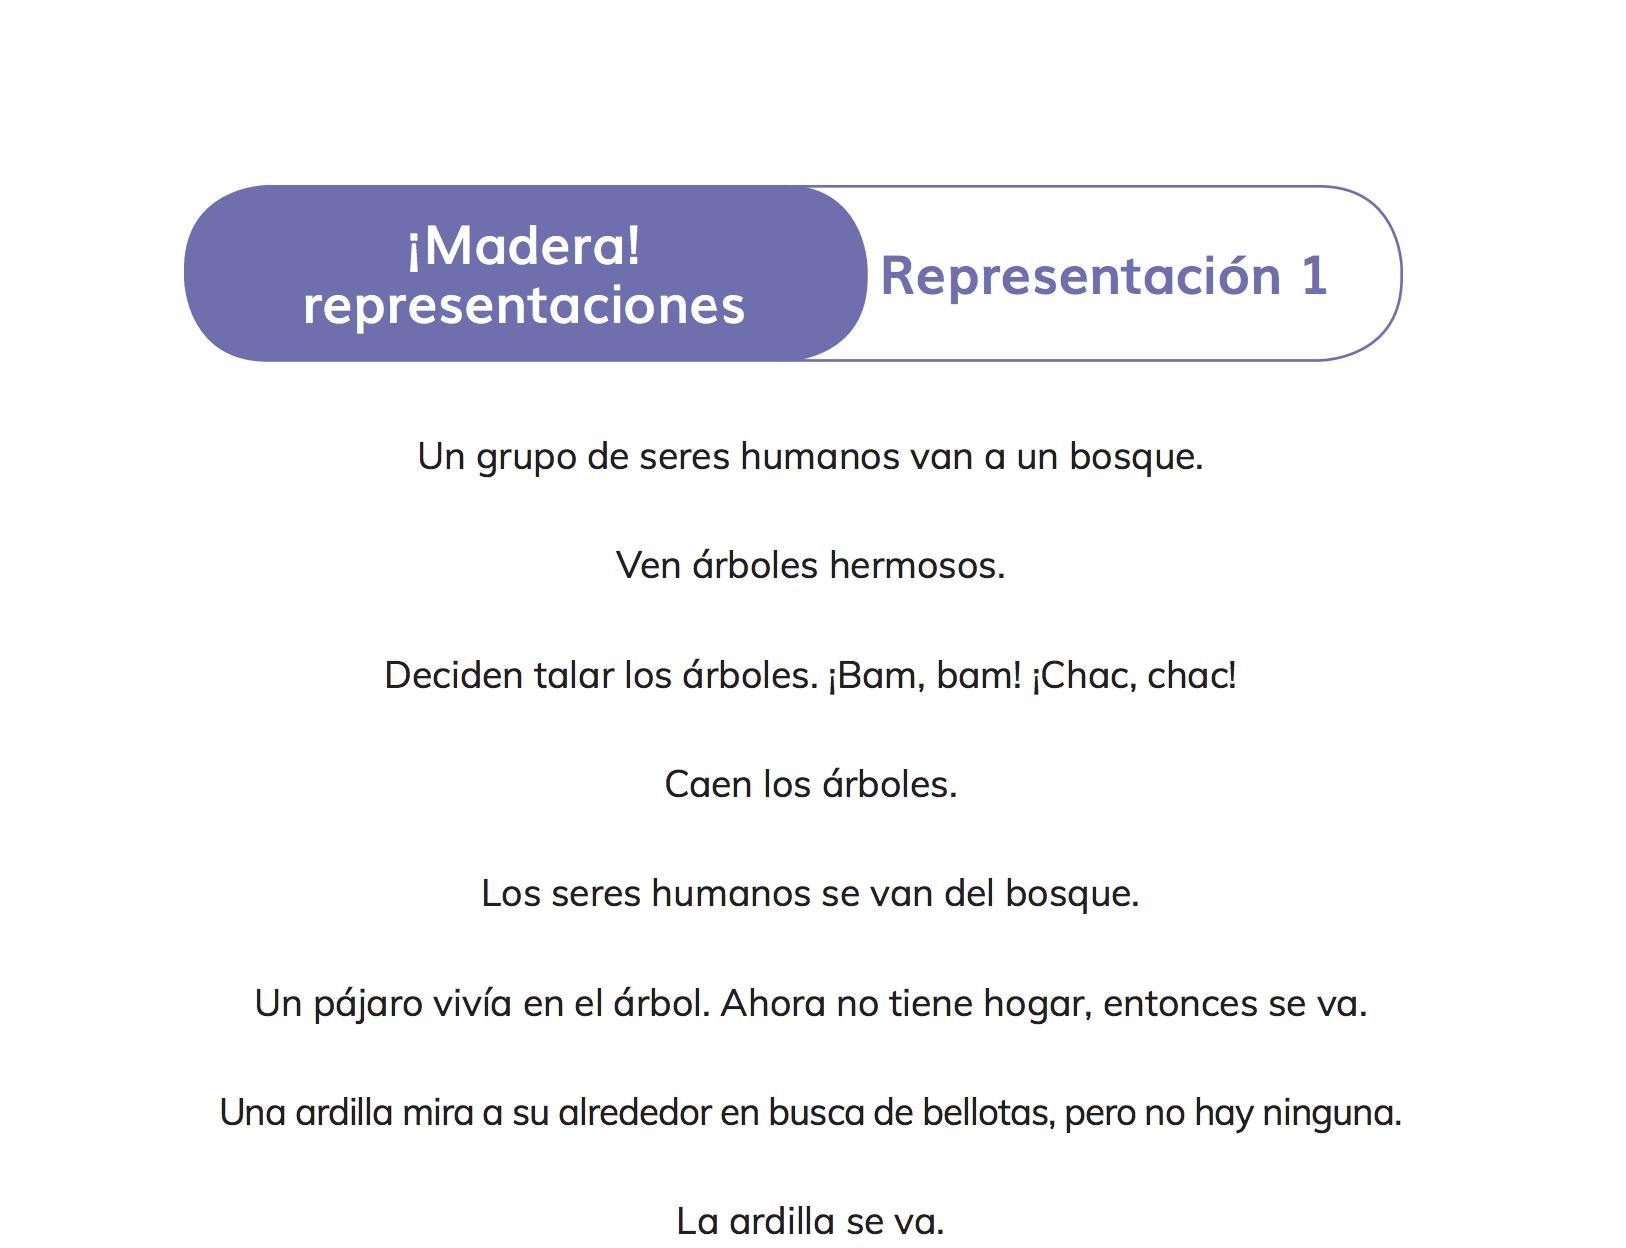 Ficha ¡Madera! representaciones